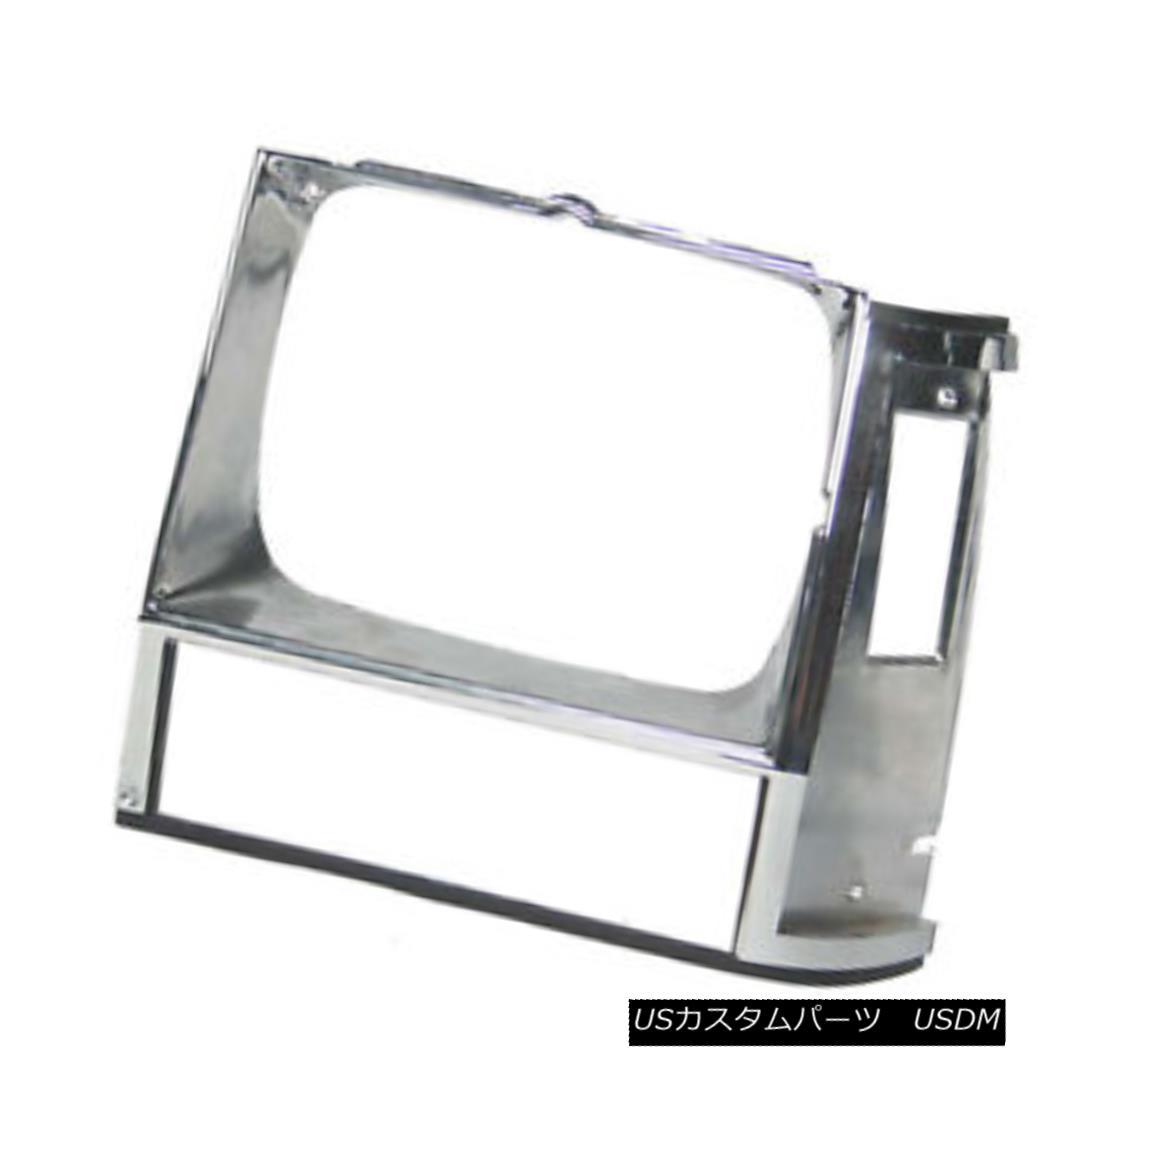 グリル New Replacement Headlight Door Chrome Passenger Side for Single Lamp 630-00136AR シングルランプ630-00136ARのための新しい交換ヘッドライトドアのクロームの旅客側